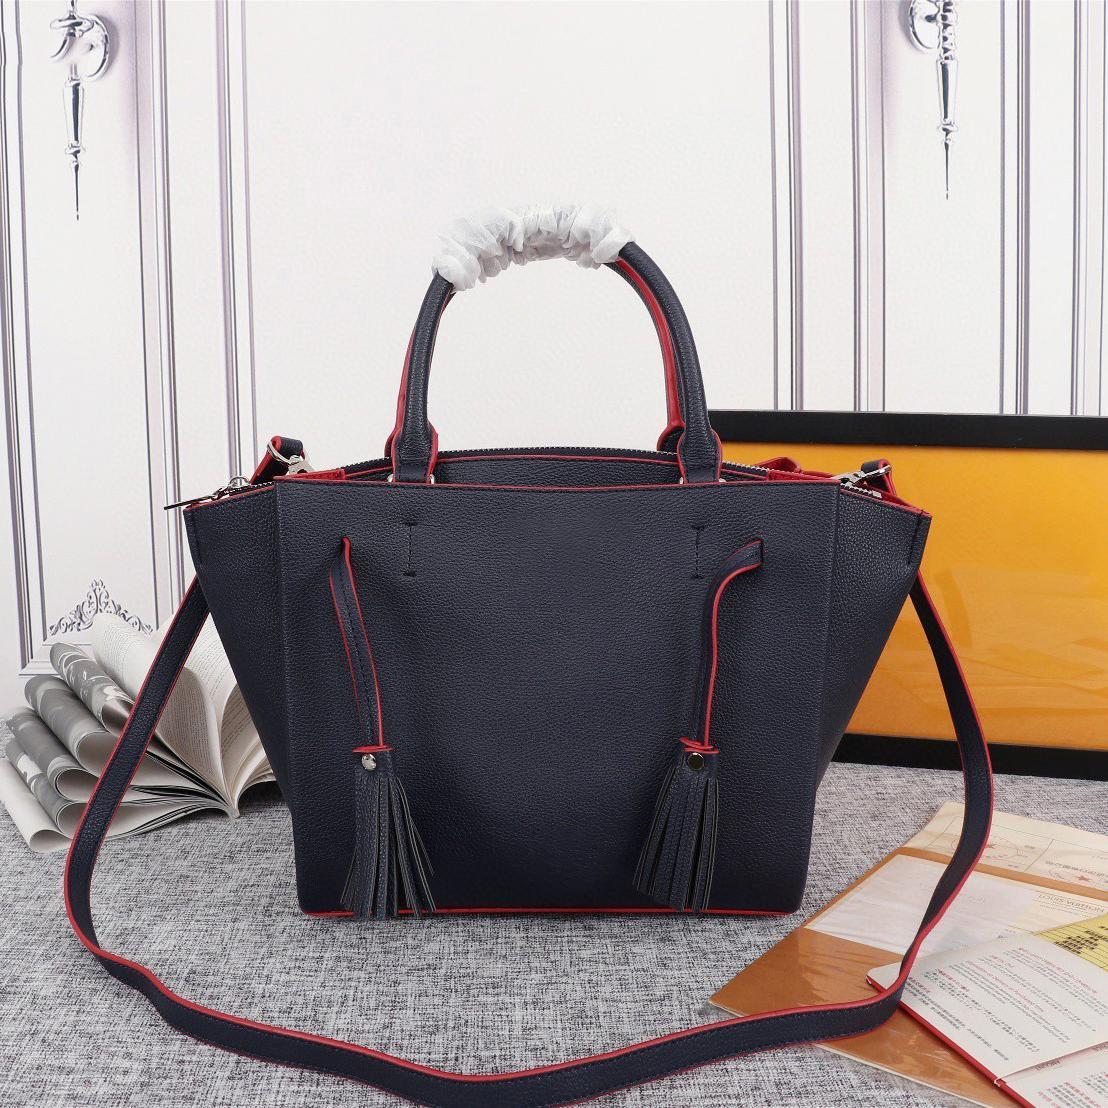 Top di qualità e di grande capacità classici delle donne delle borse delle signore tote composito borse a tracolla Pochette in pelle genuino borse borse